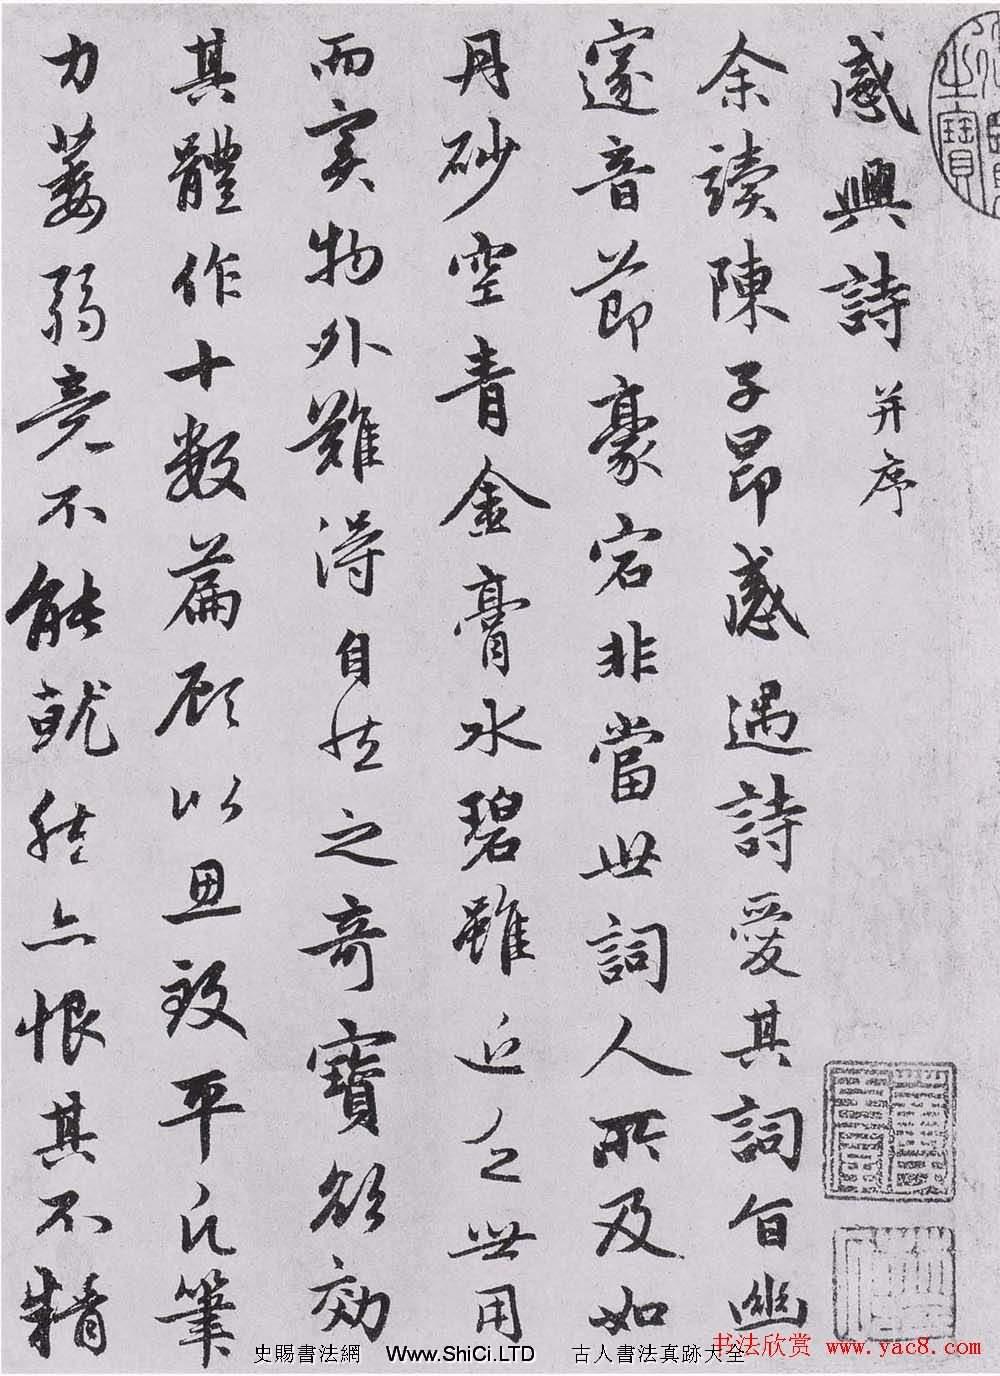 趙孟頫書法墨跡字帖《感興詩二十首》(共17張圖片)